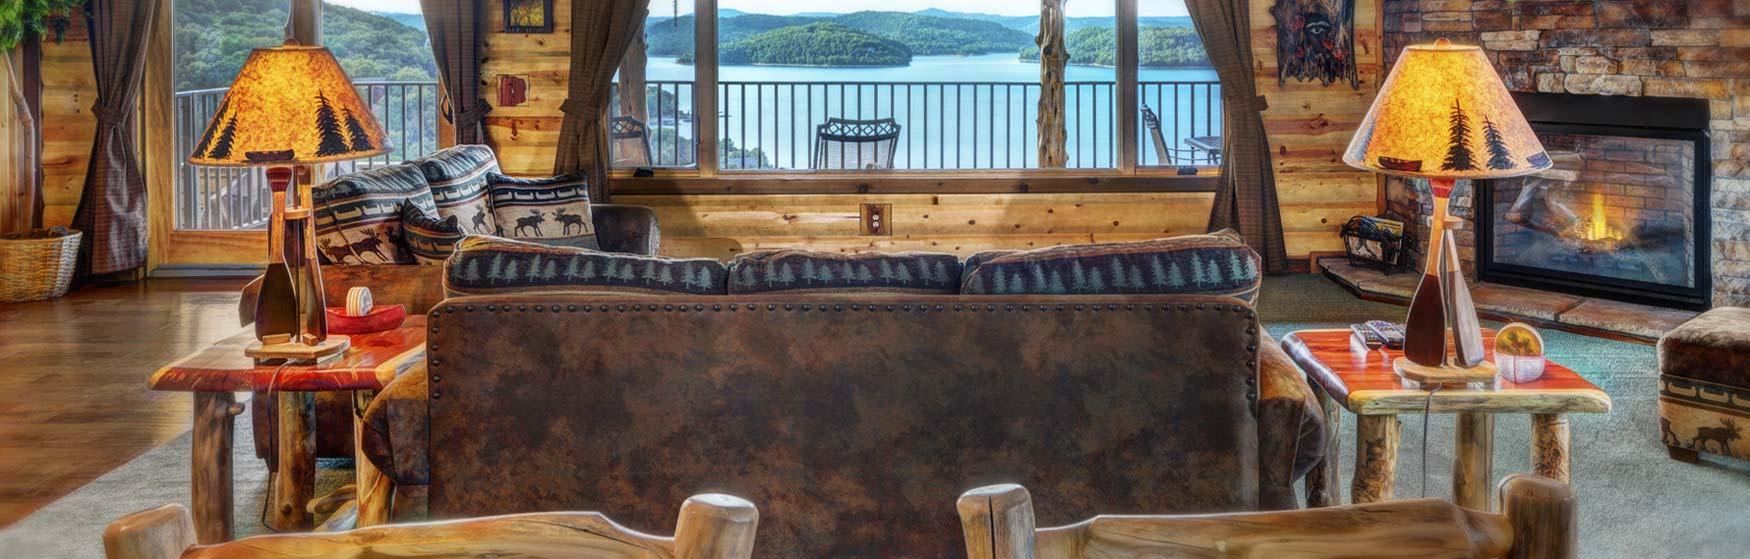 Merveilleux Eureka Springs Cabins Resort   Lake Shore Cabins On Beaver Lake